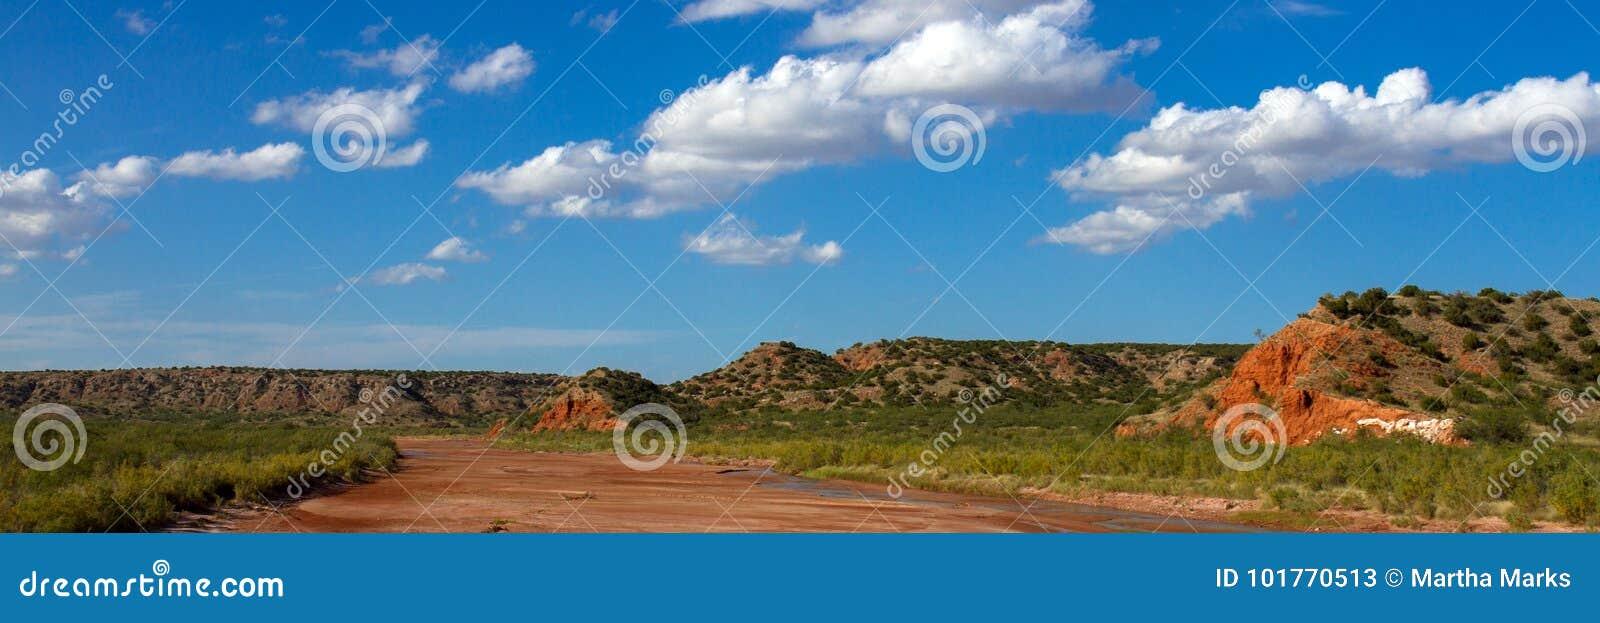 Fourchette de ville de chien de prairie de la rivière rouge